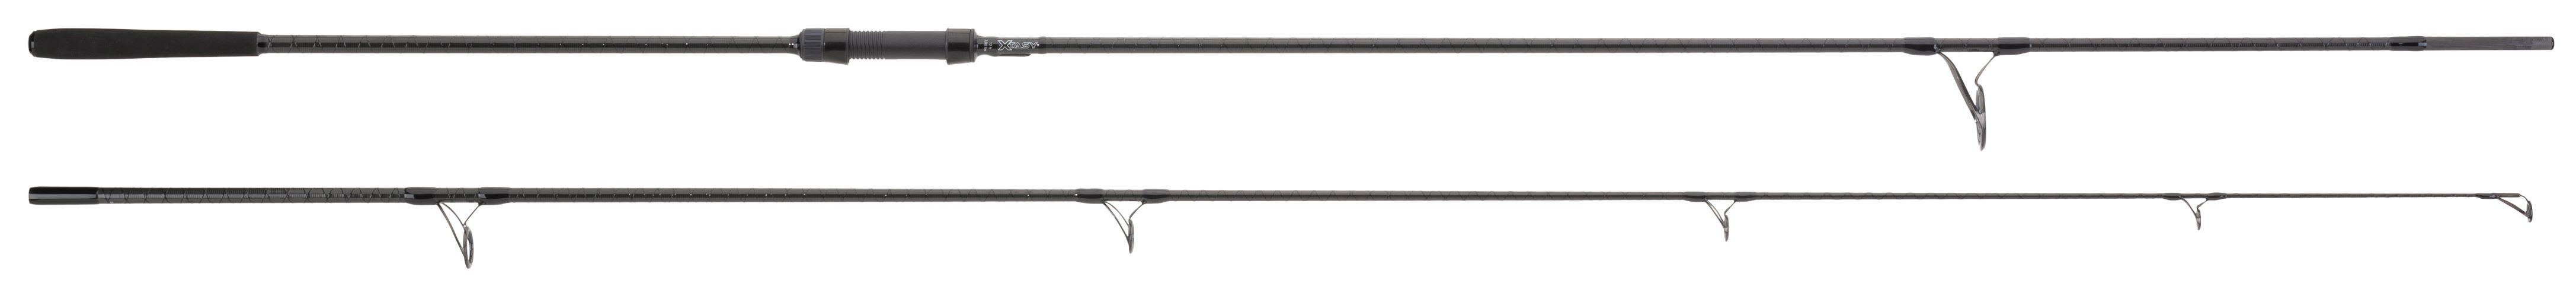 Anaconda prut Xtasy 3,6 m/3,00 lb